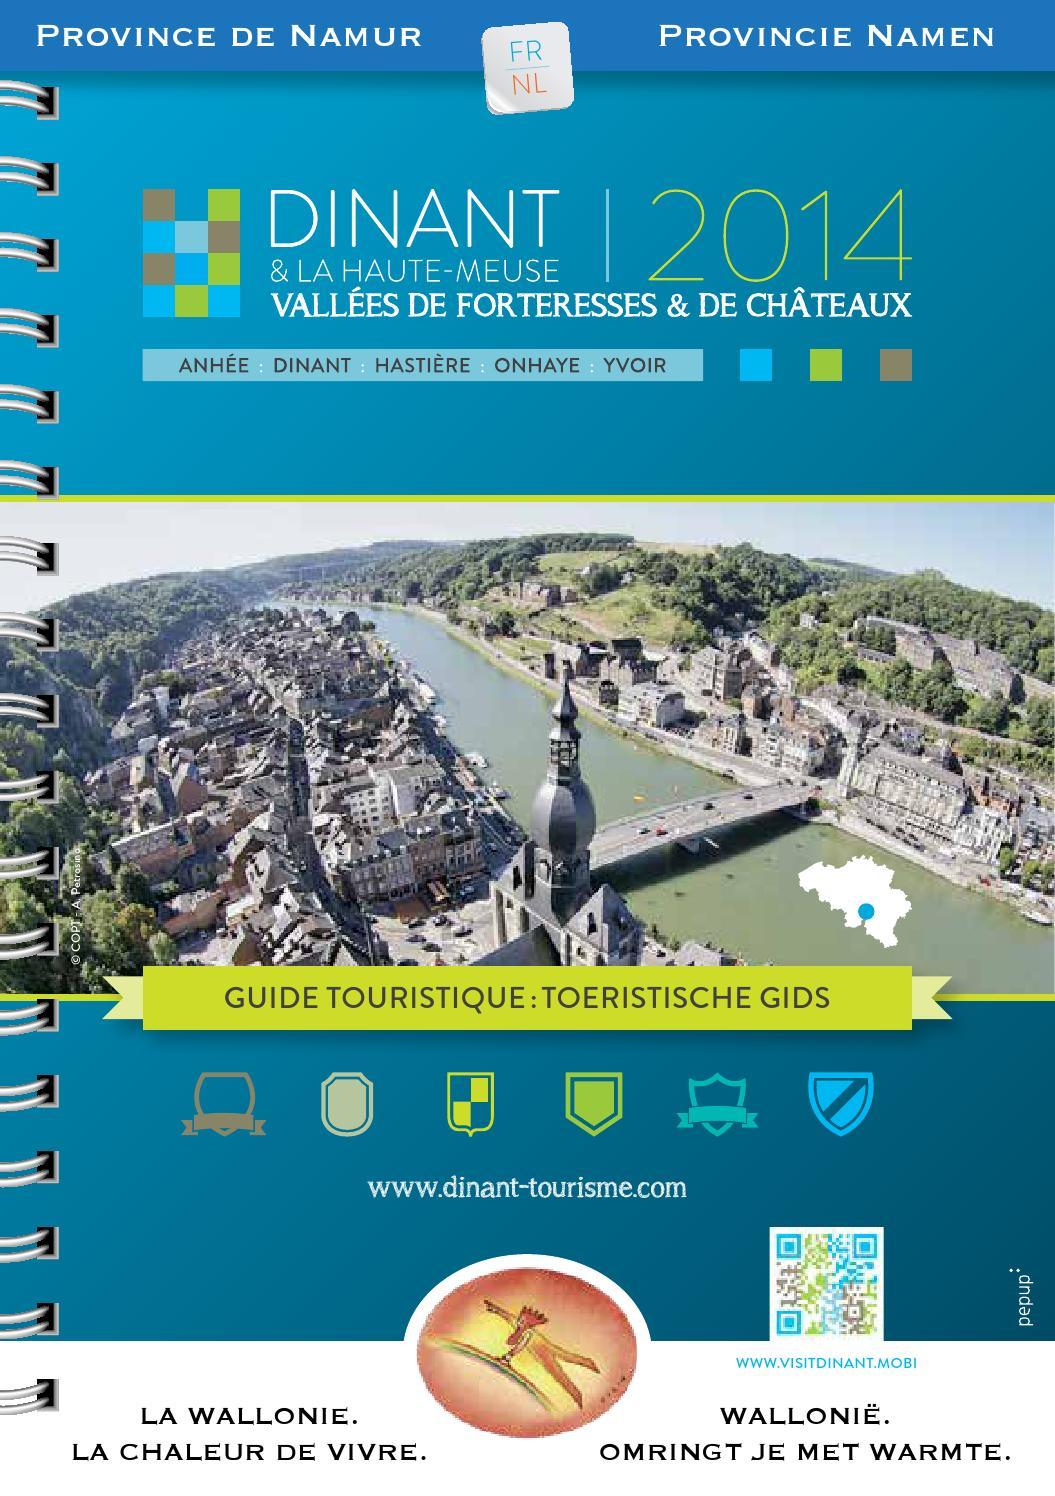 Guide touristique 2014 by maison du tourisme vall e de la meuse namur dinant issuu - Office du tourisme dinant ...